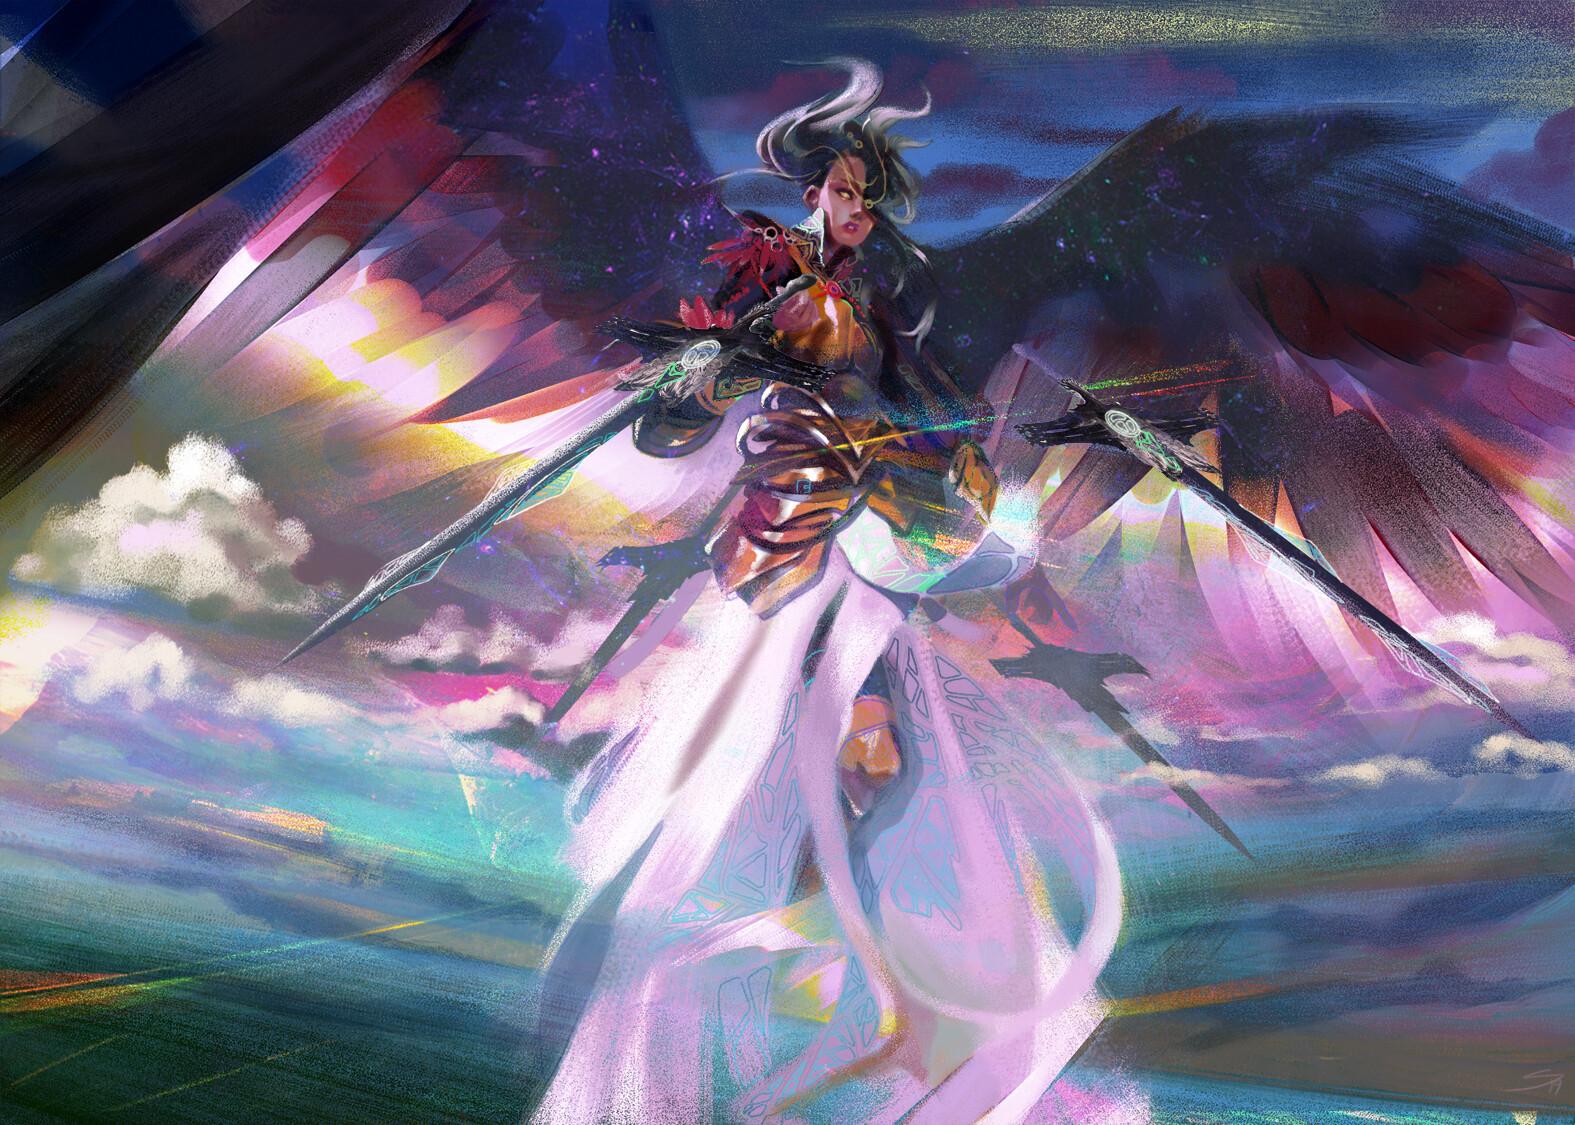 Sephara Sky/'s Blade